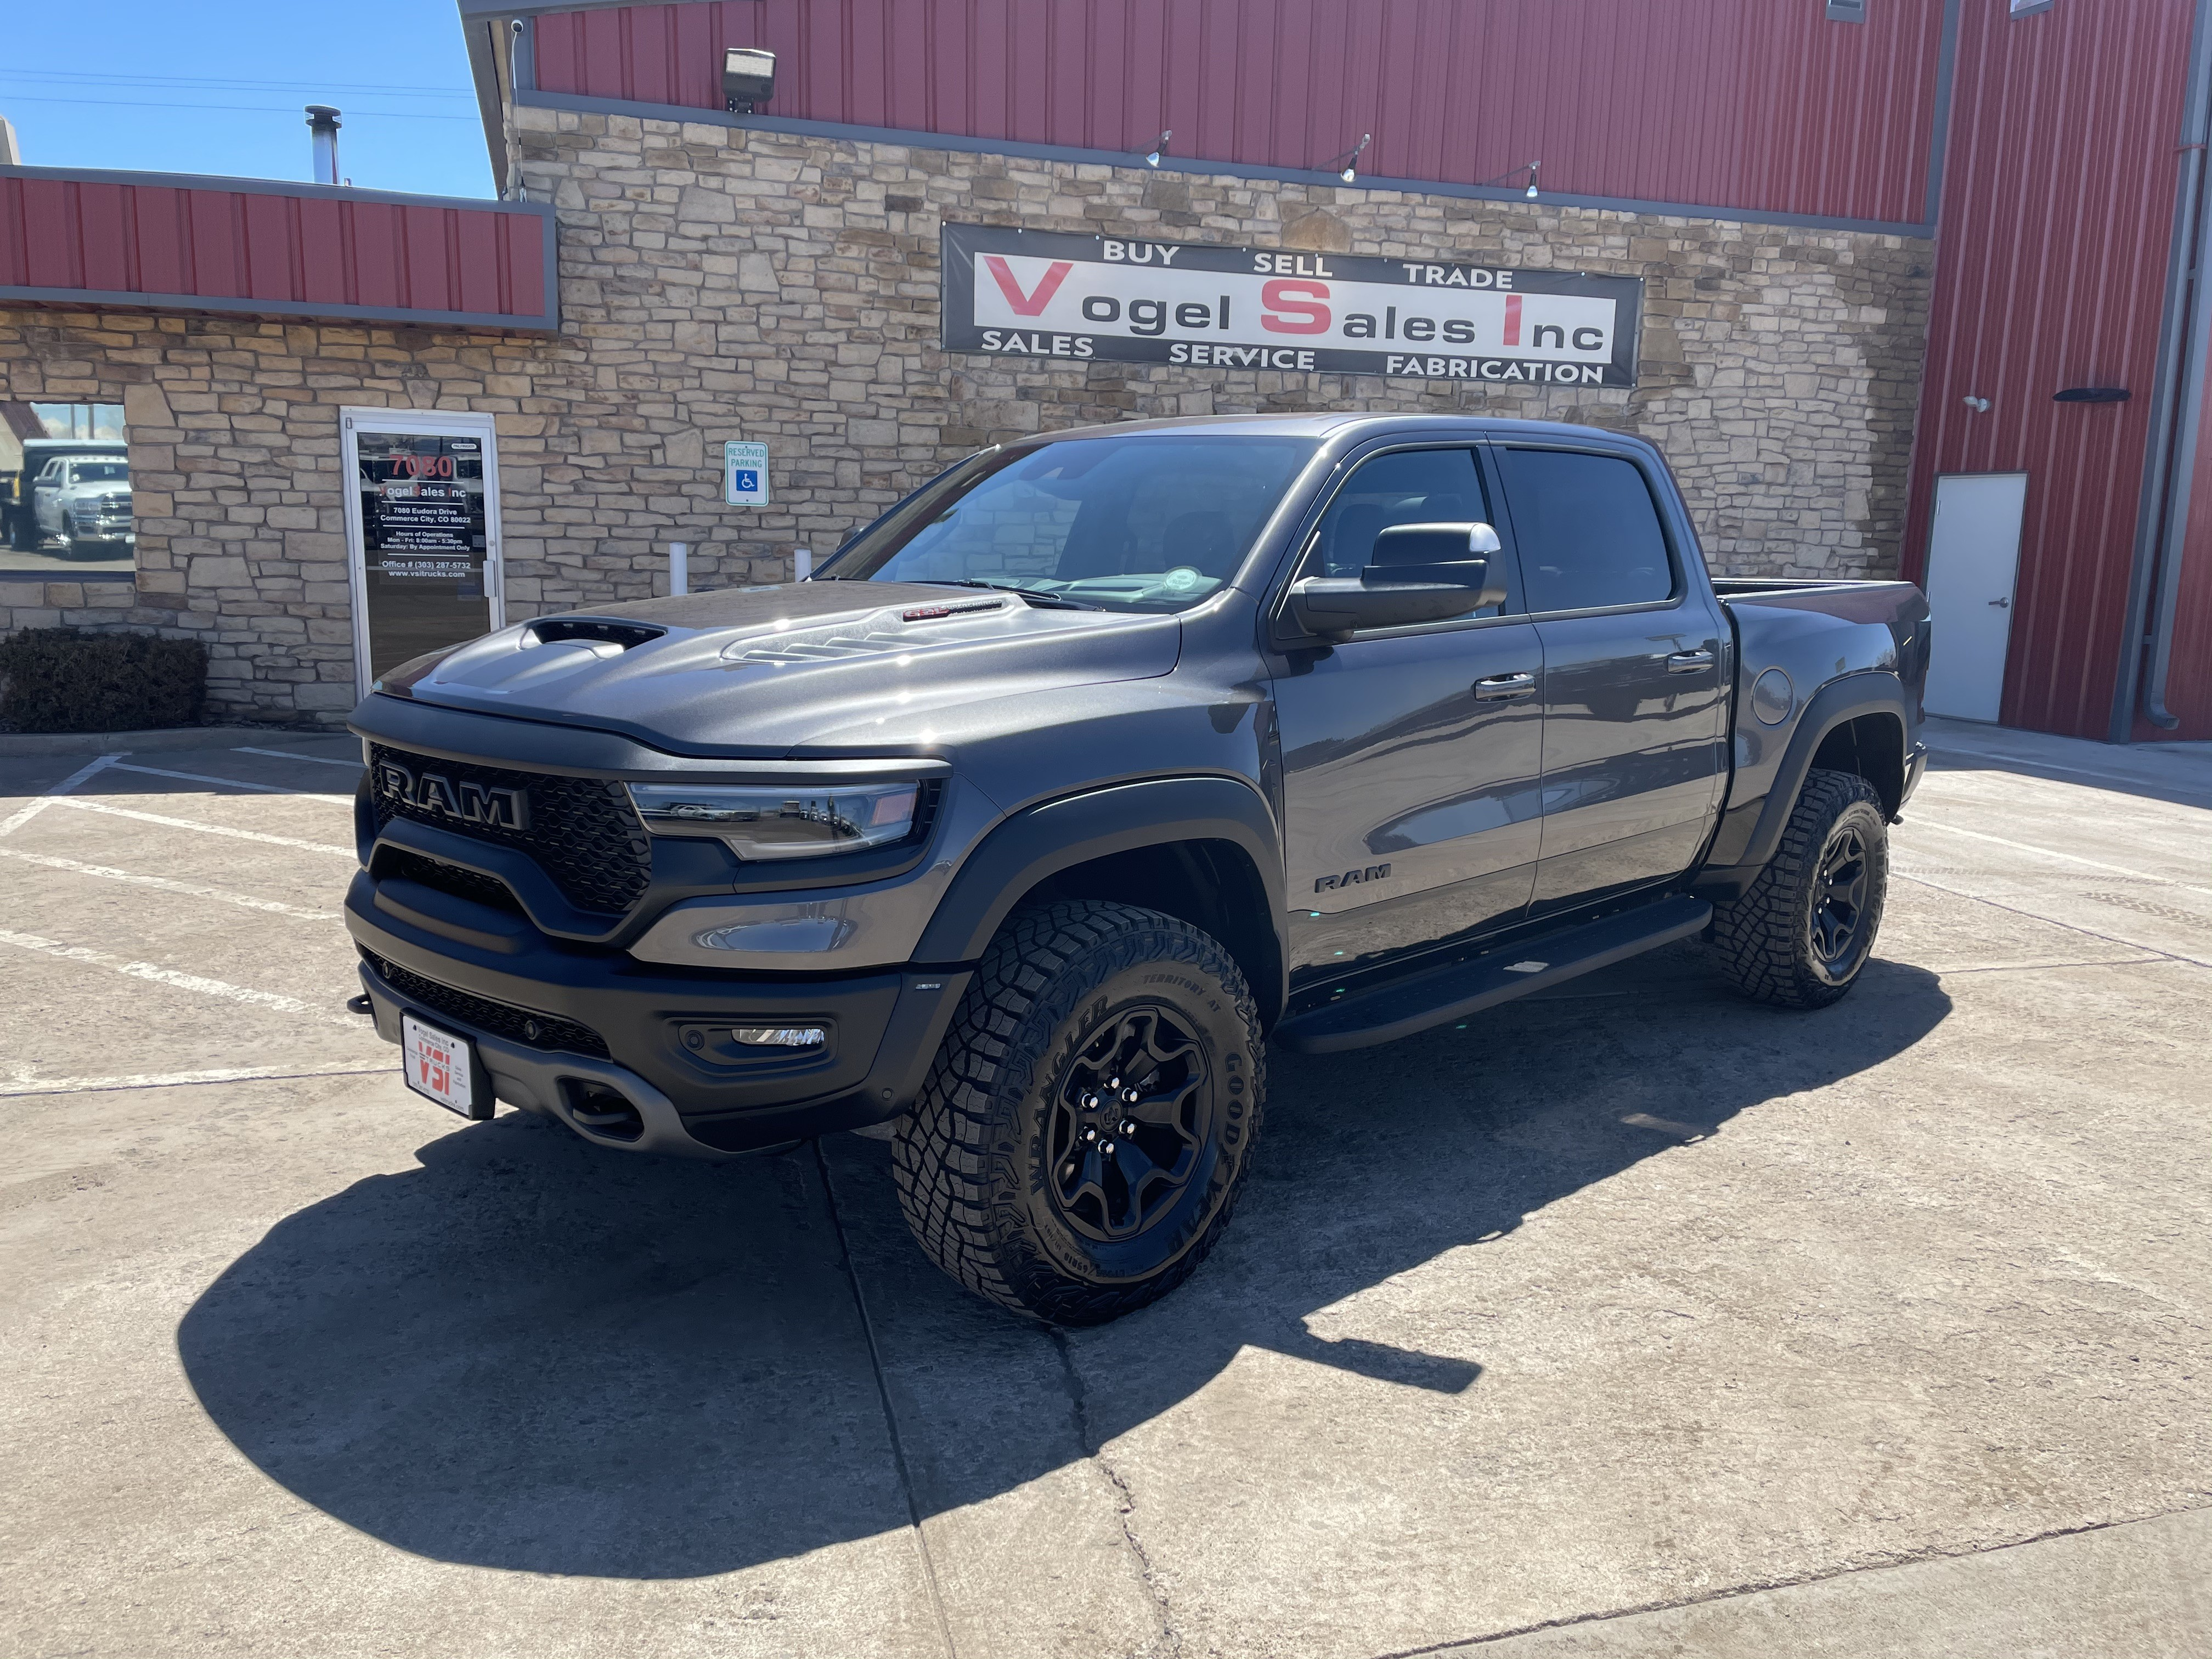 New, 2021, Dodge, Ram 1500 TRX, Pickup Trucks